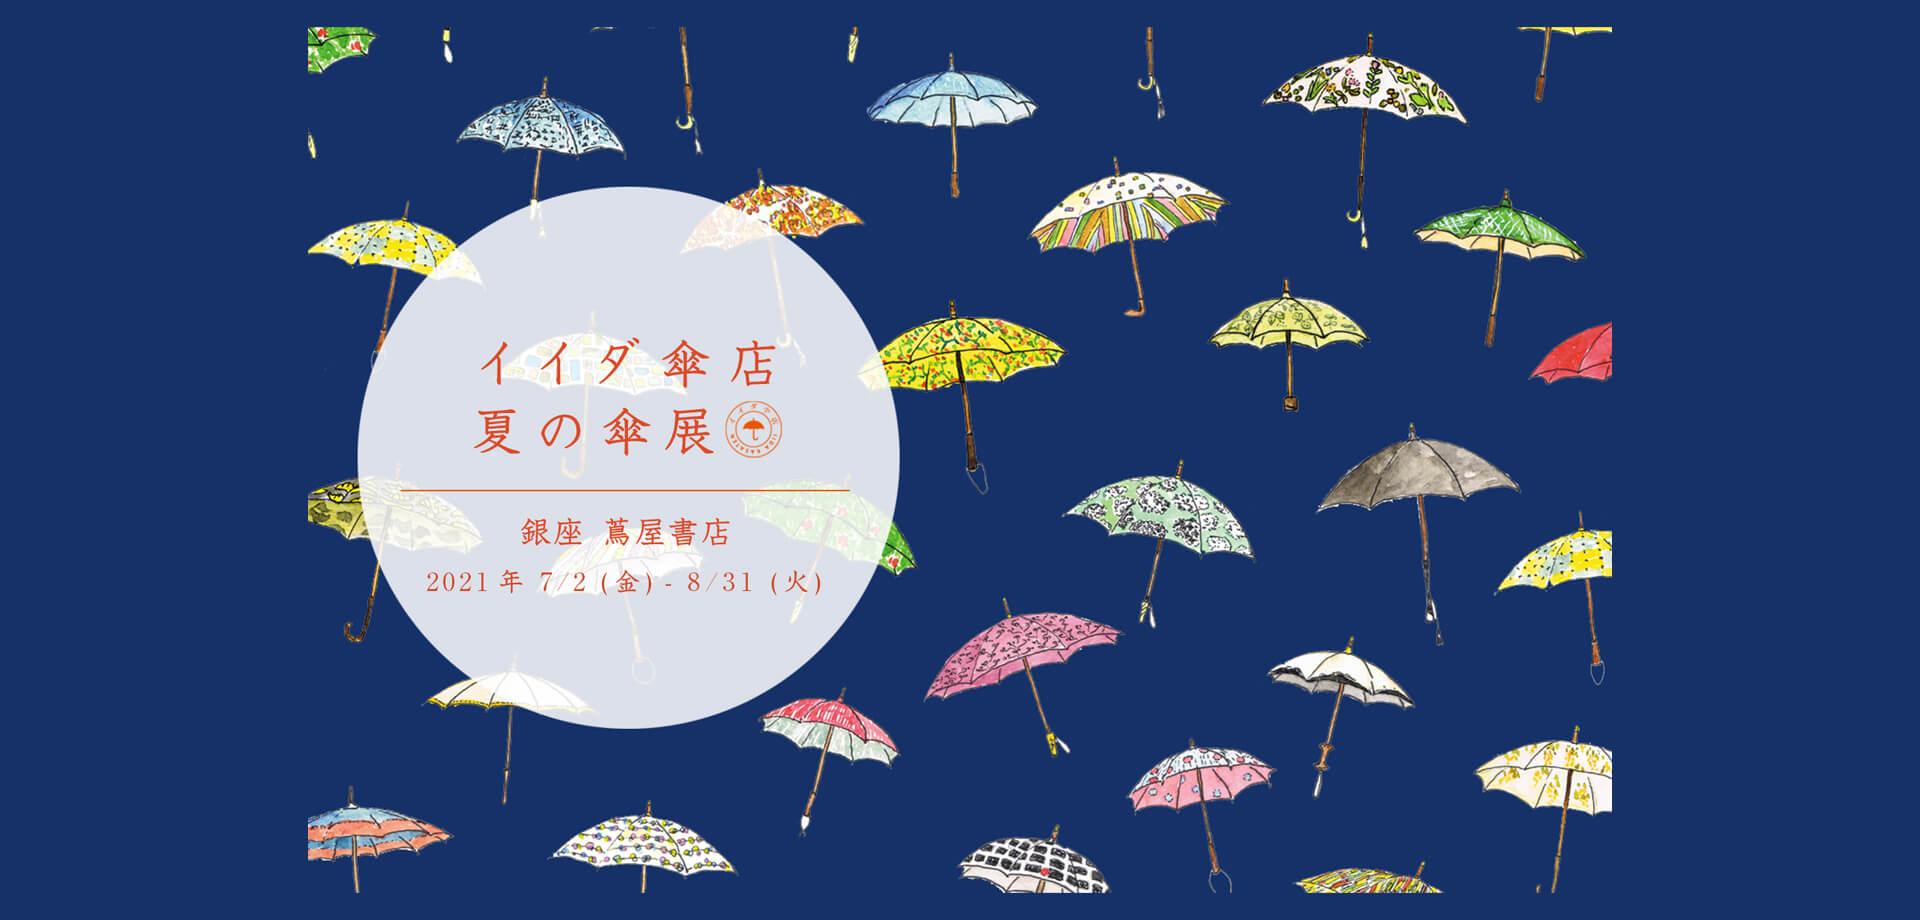 【銀座 蔦屋書店】「イイダ傘店 夏の傘展2021」